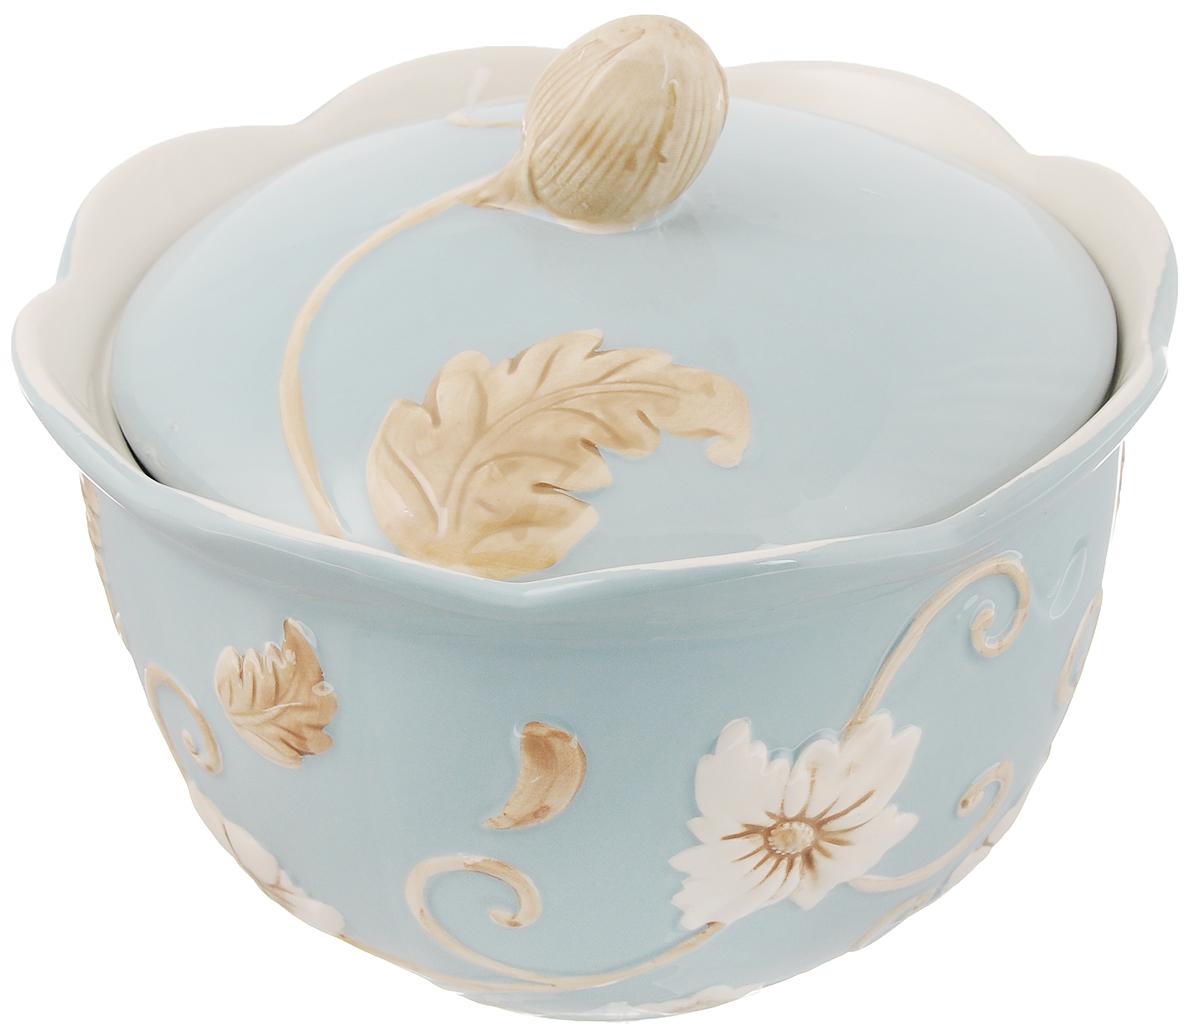 Супница Loraine Розы с крышкой, 2 л22452Супница Loraine Розы выполнена из доломита и оснащена плотно прилегающей крышкой. Супница оформлена красивым рельефным рисунком. Изделие предназначено для красивой подачи супа и сервировки стола. Яркий дизайн, несомненно, придется вам по вкусу. Посуду можно использовать в микроволновой печи и холодильнике. Можно мыть в посудомоечной машине. Диаметр супницы: 22 см. Высота стенок супницы: 13,5 см. Высота супницы (с учетом крышки): 19 см. Объем: 2 л.